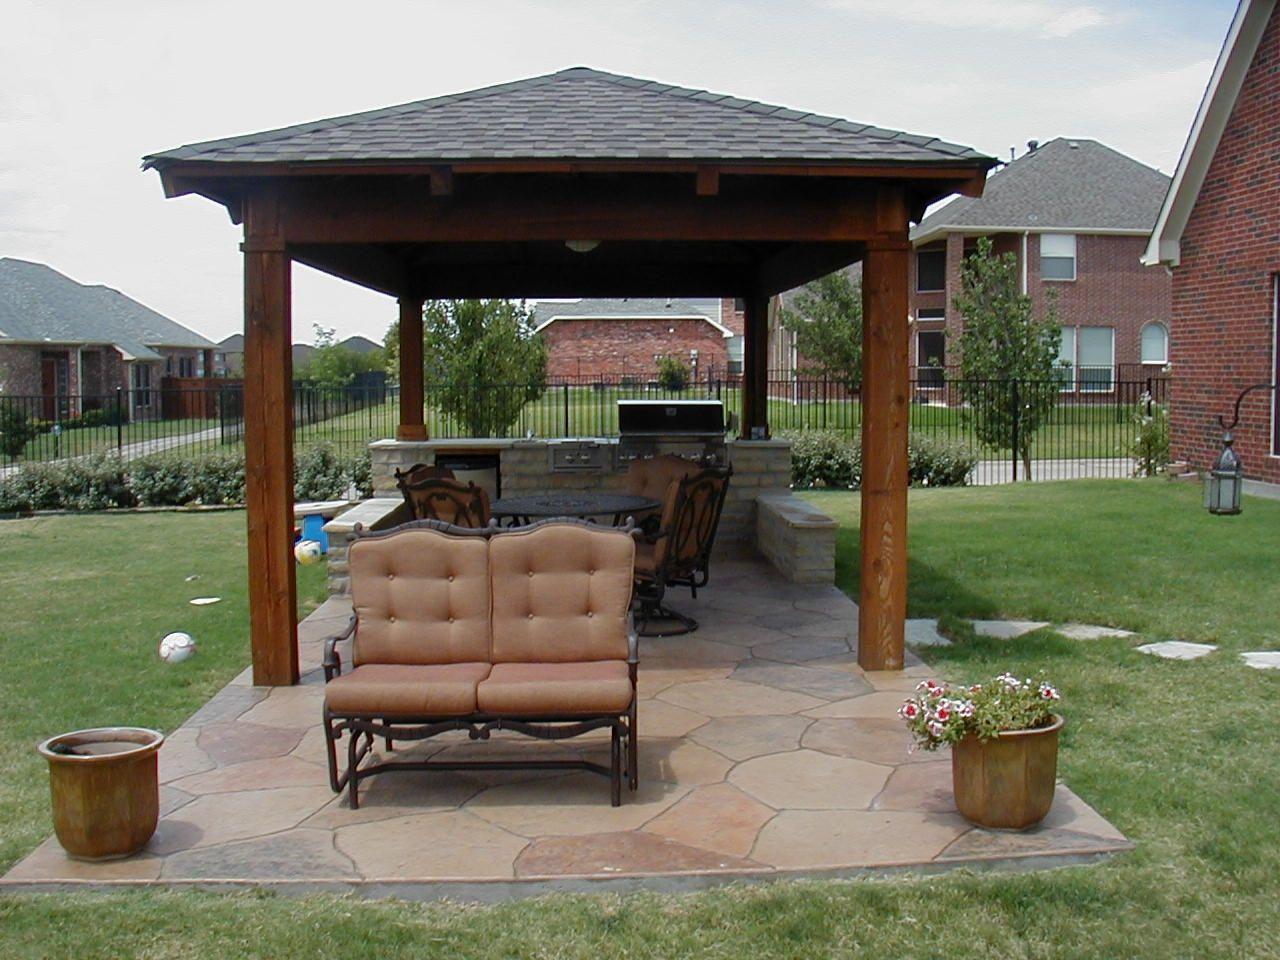 diy cement patio ideas